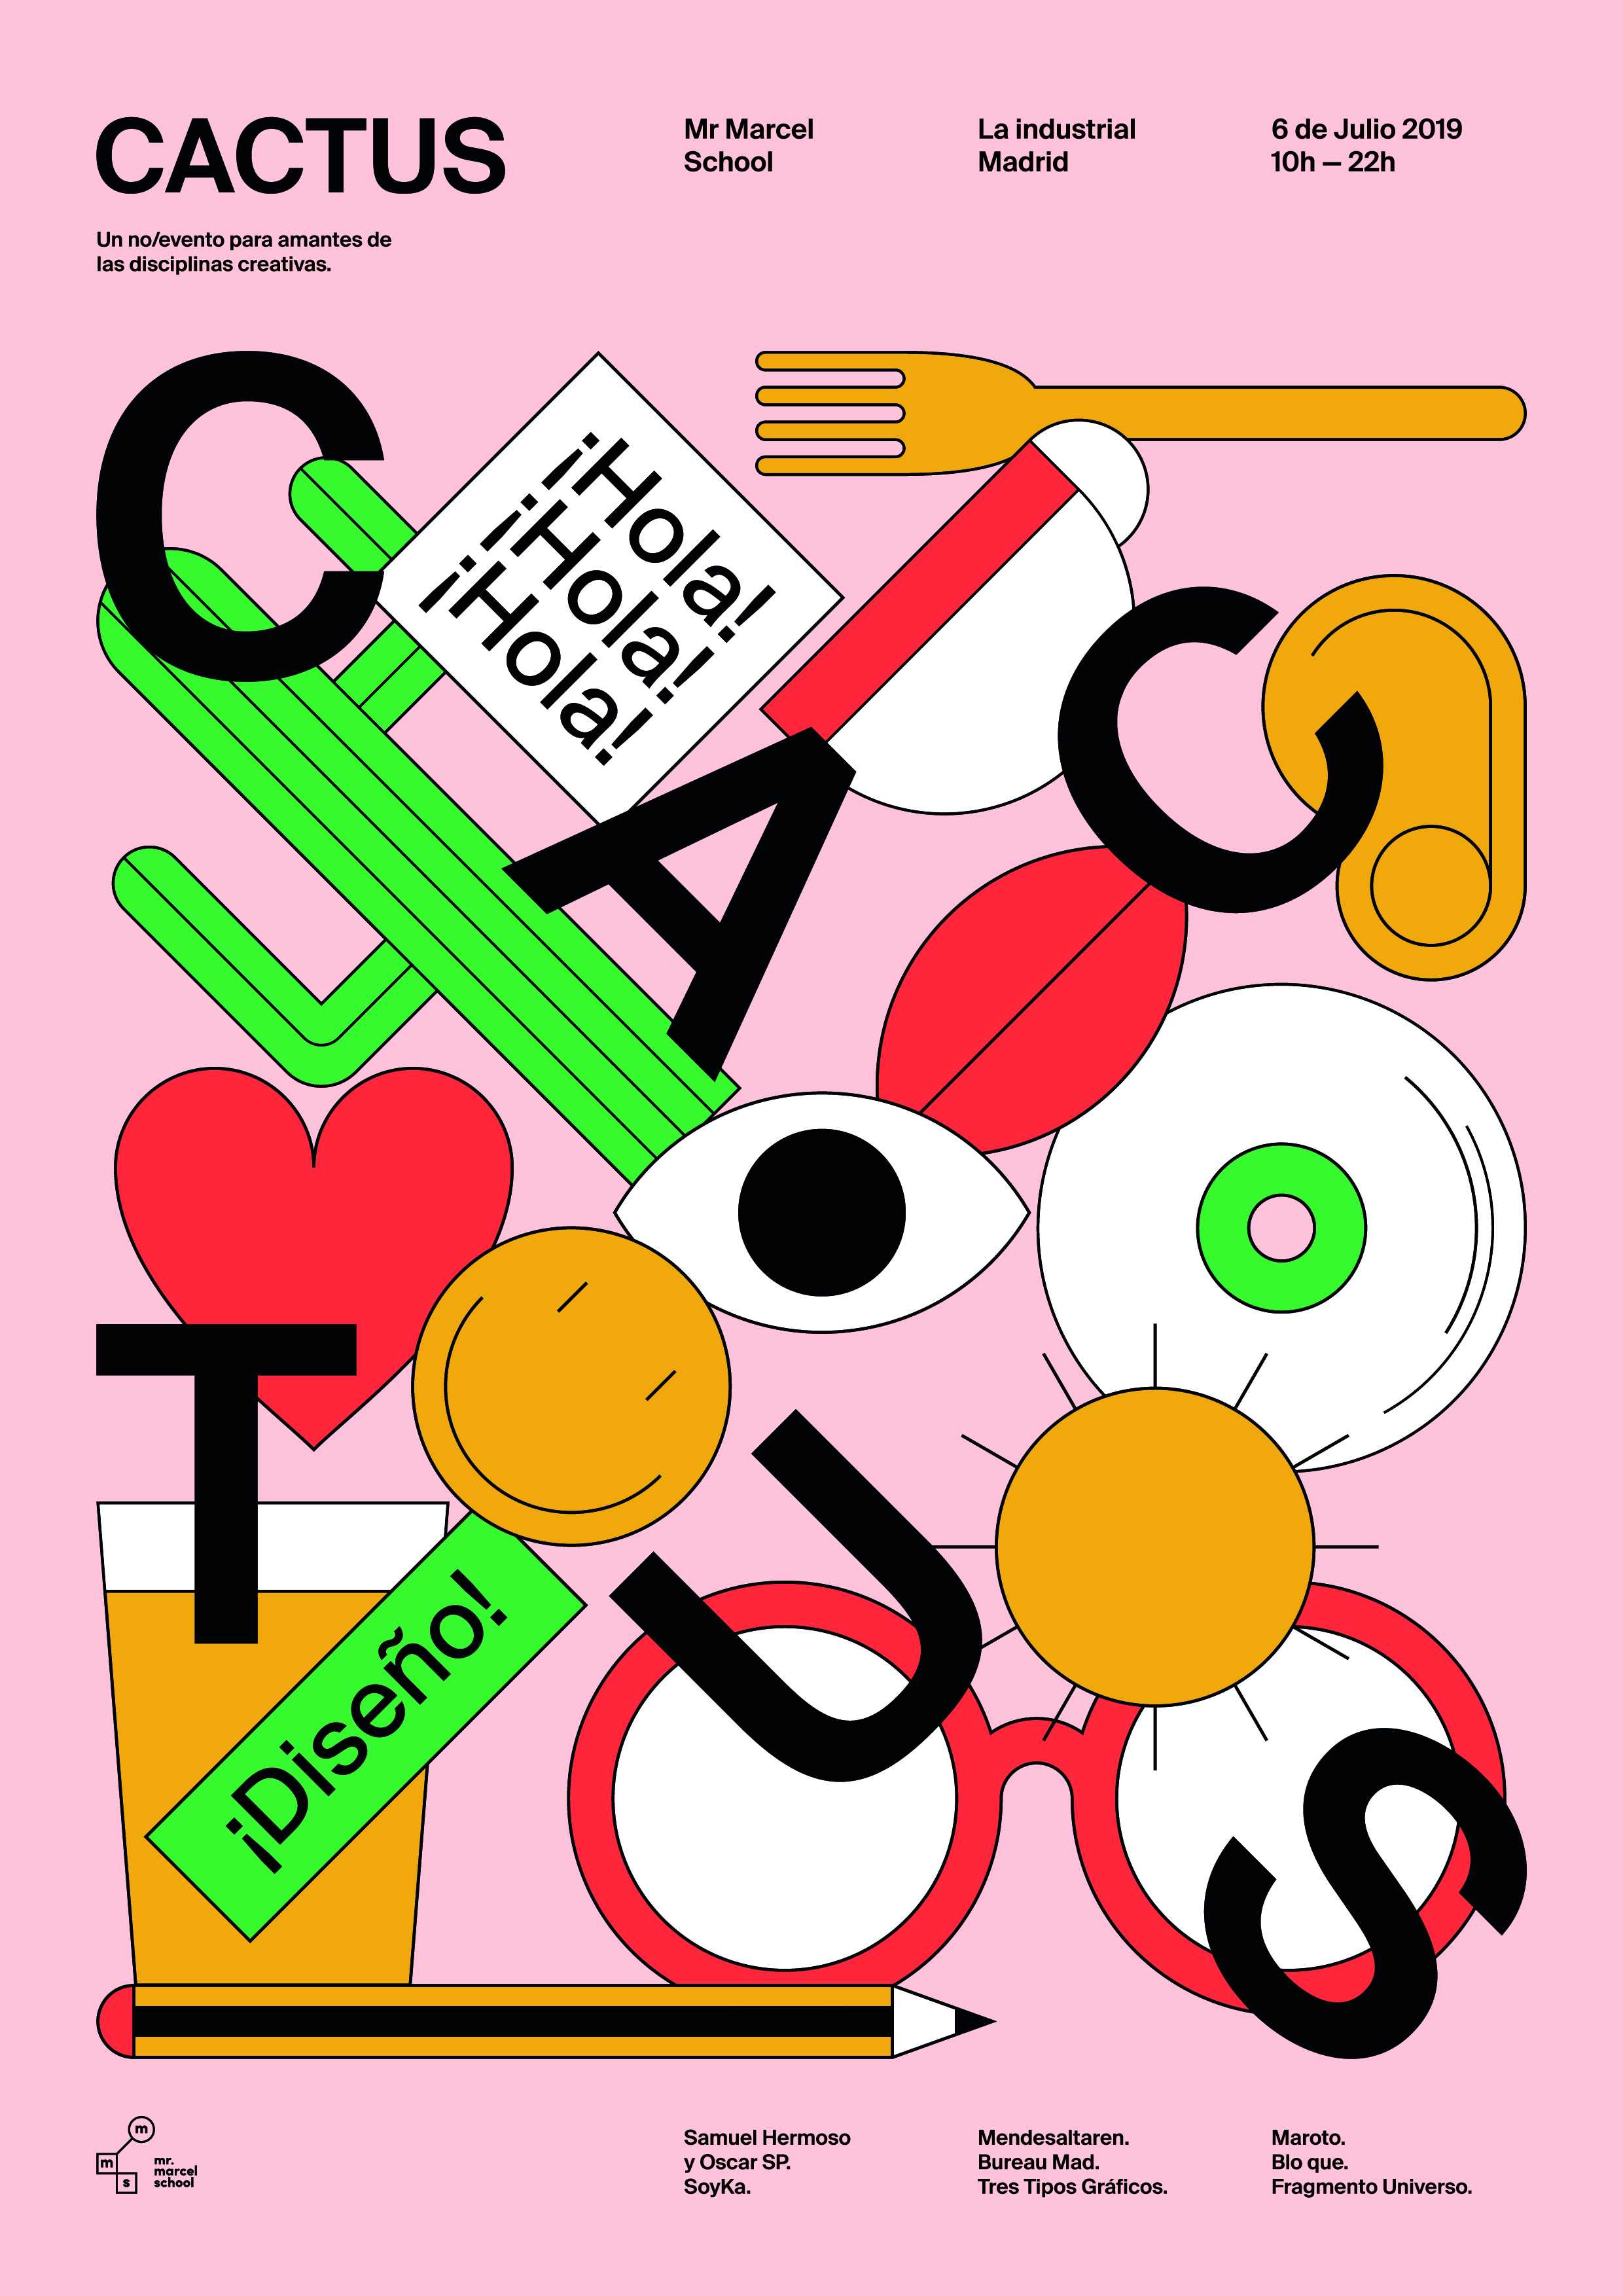 poster_design_illustration_cactus_madrid